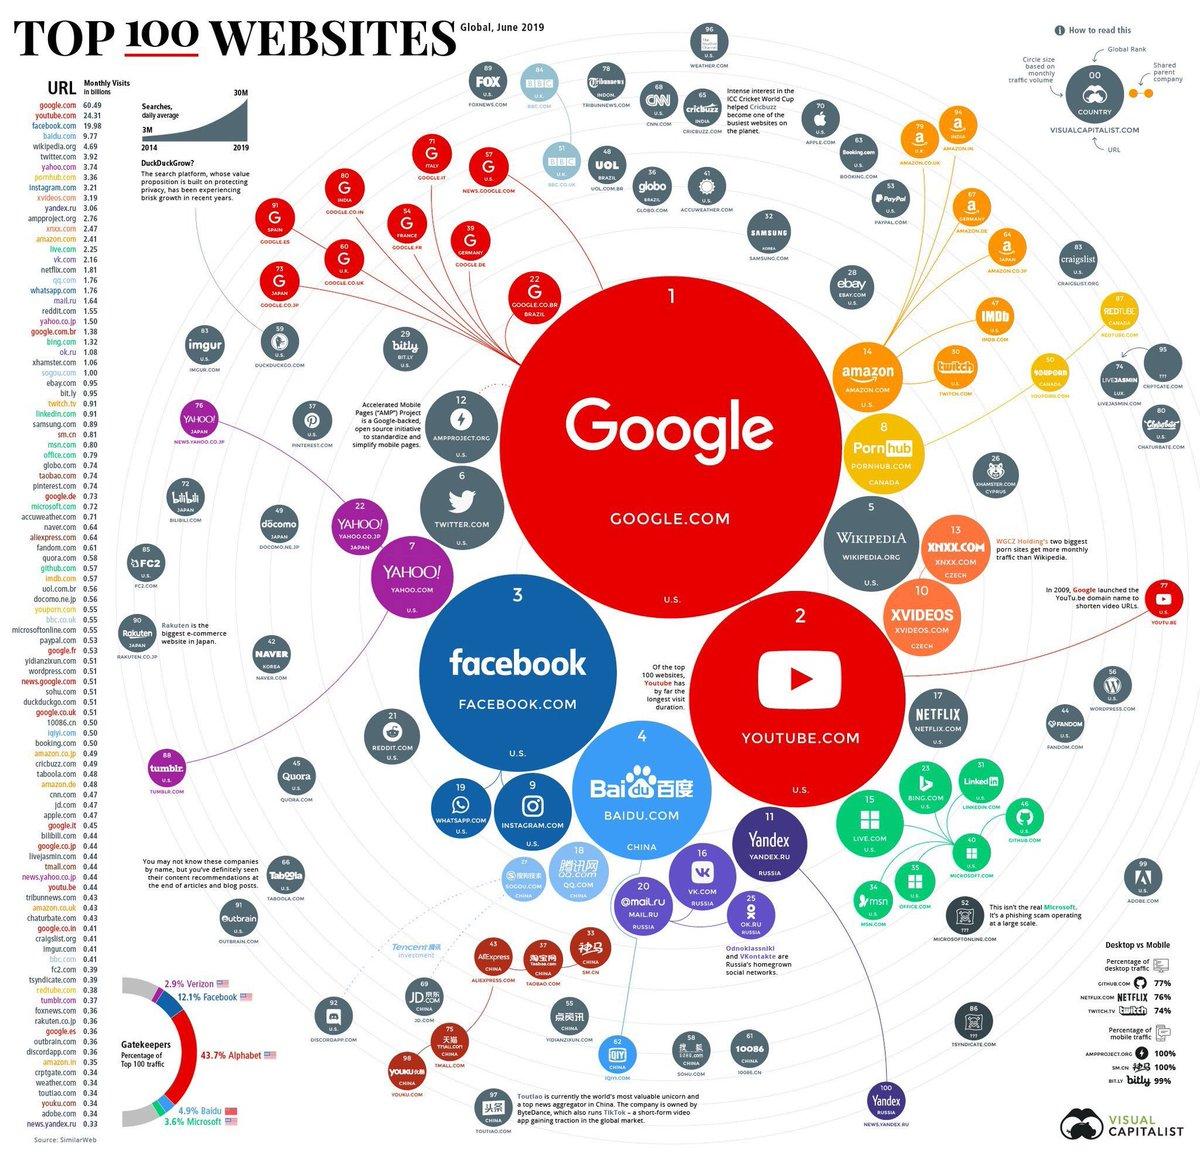 test Twitter Media - [#infographie] Top 100 monde des sites internet en juin 2019. A noter que @YouTube pèse aujourd'hui + qu'un @facebook, @BaiduResearch et @Wikipedia complètent le Top 5 https://t.co/NSj2JTCKvr